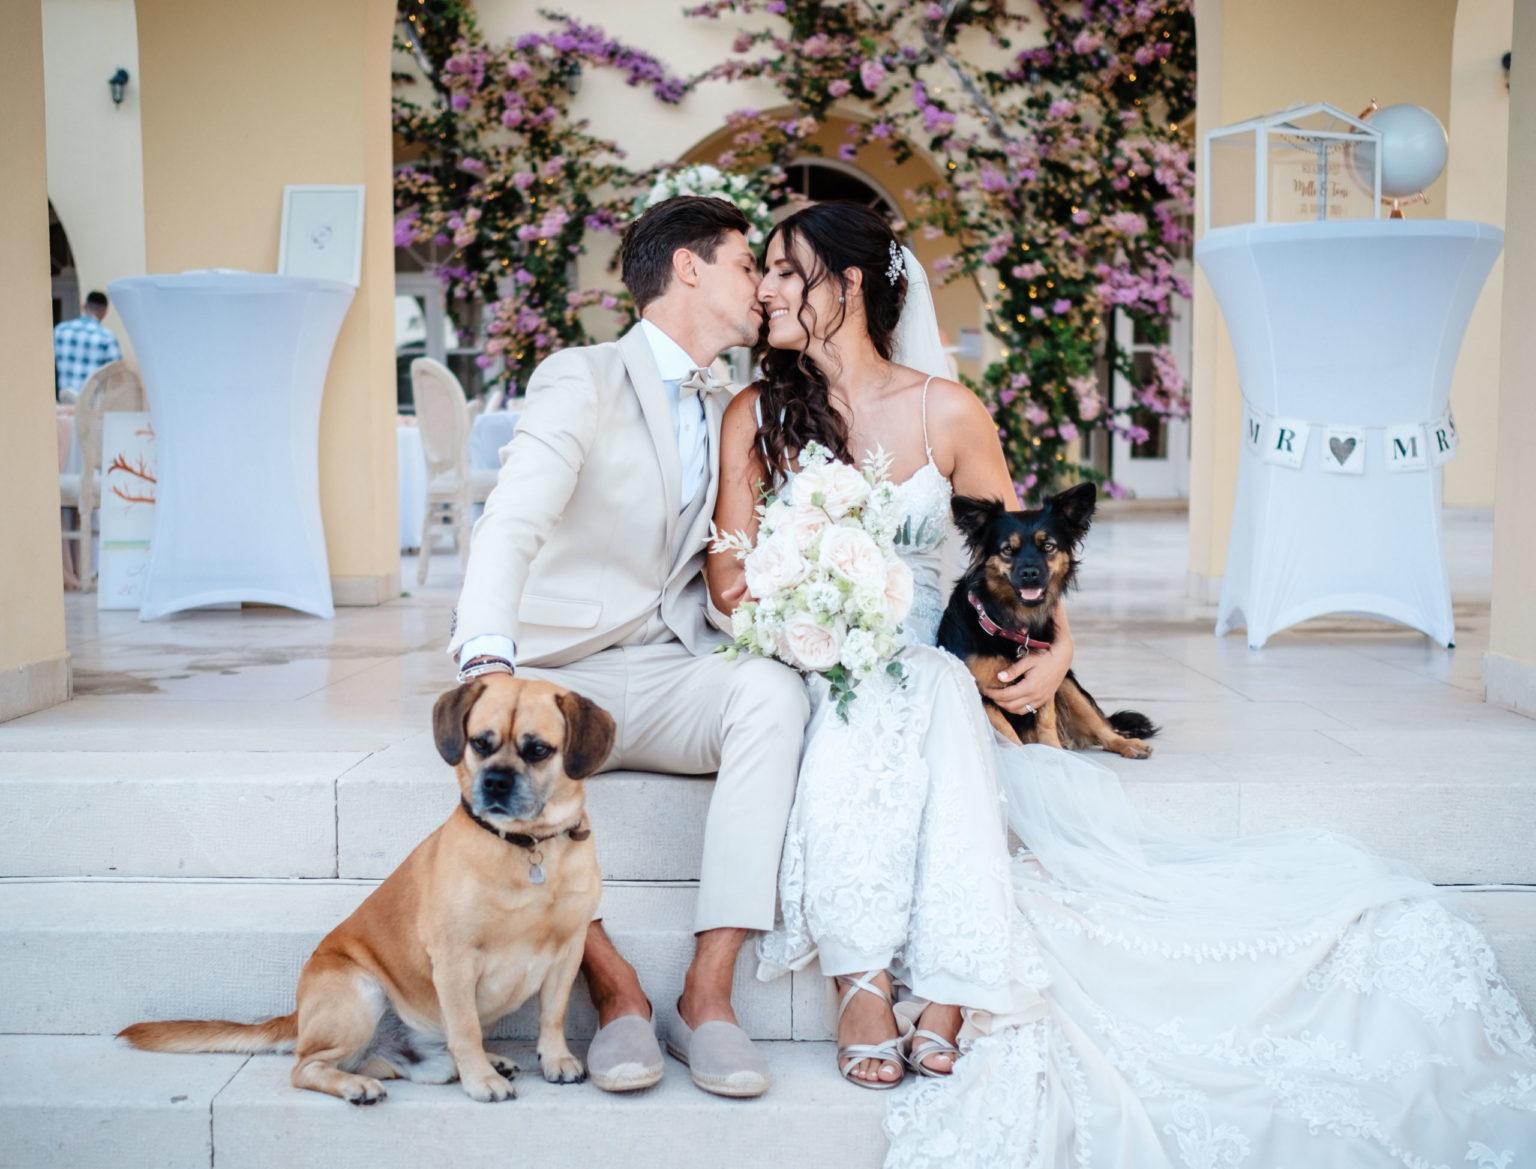 Hochzeit mit Hund Kroatien Wedding Hochzeitsplanung 4 scaled - Hochzeit mit Hund in Kroatien